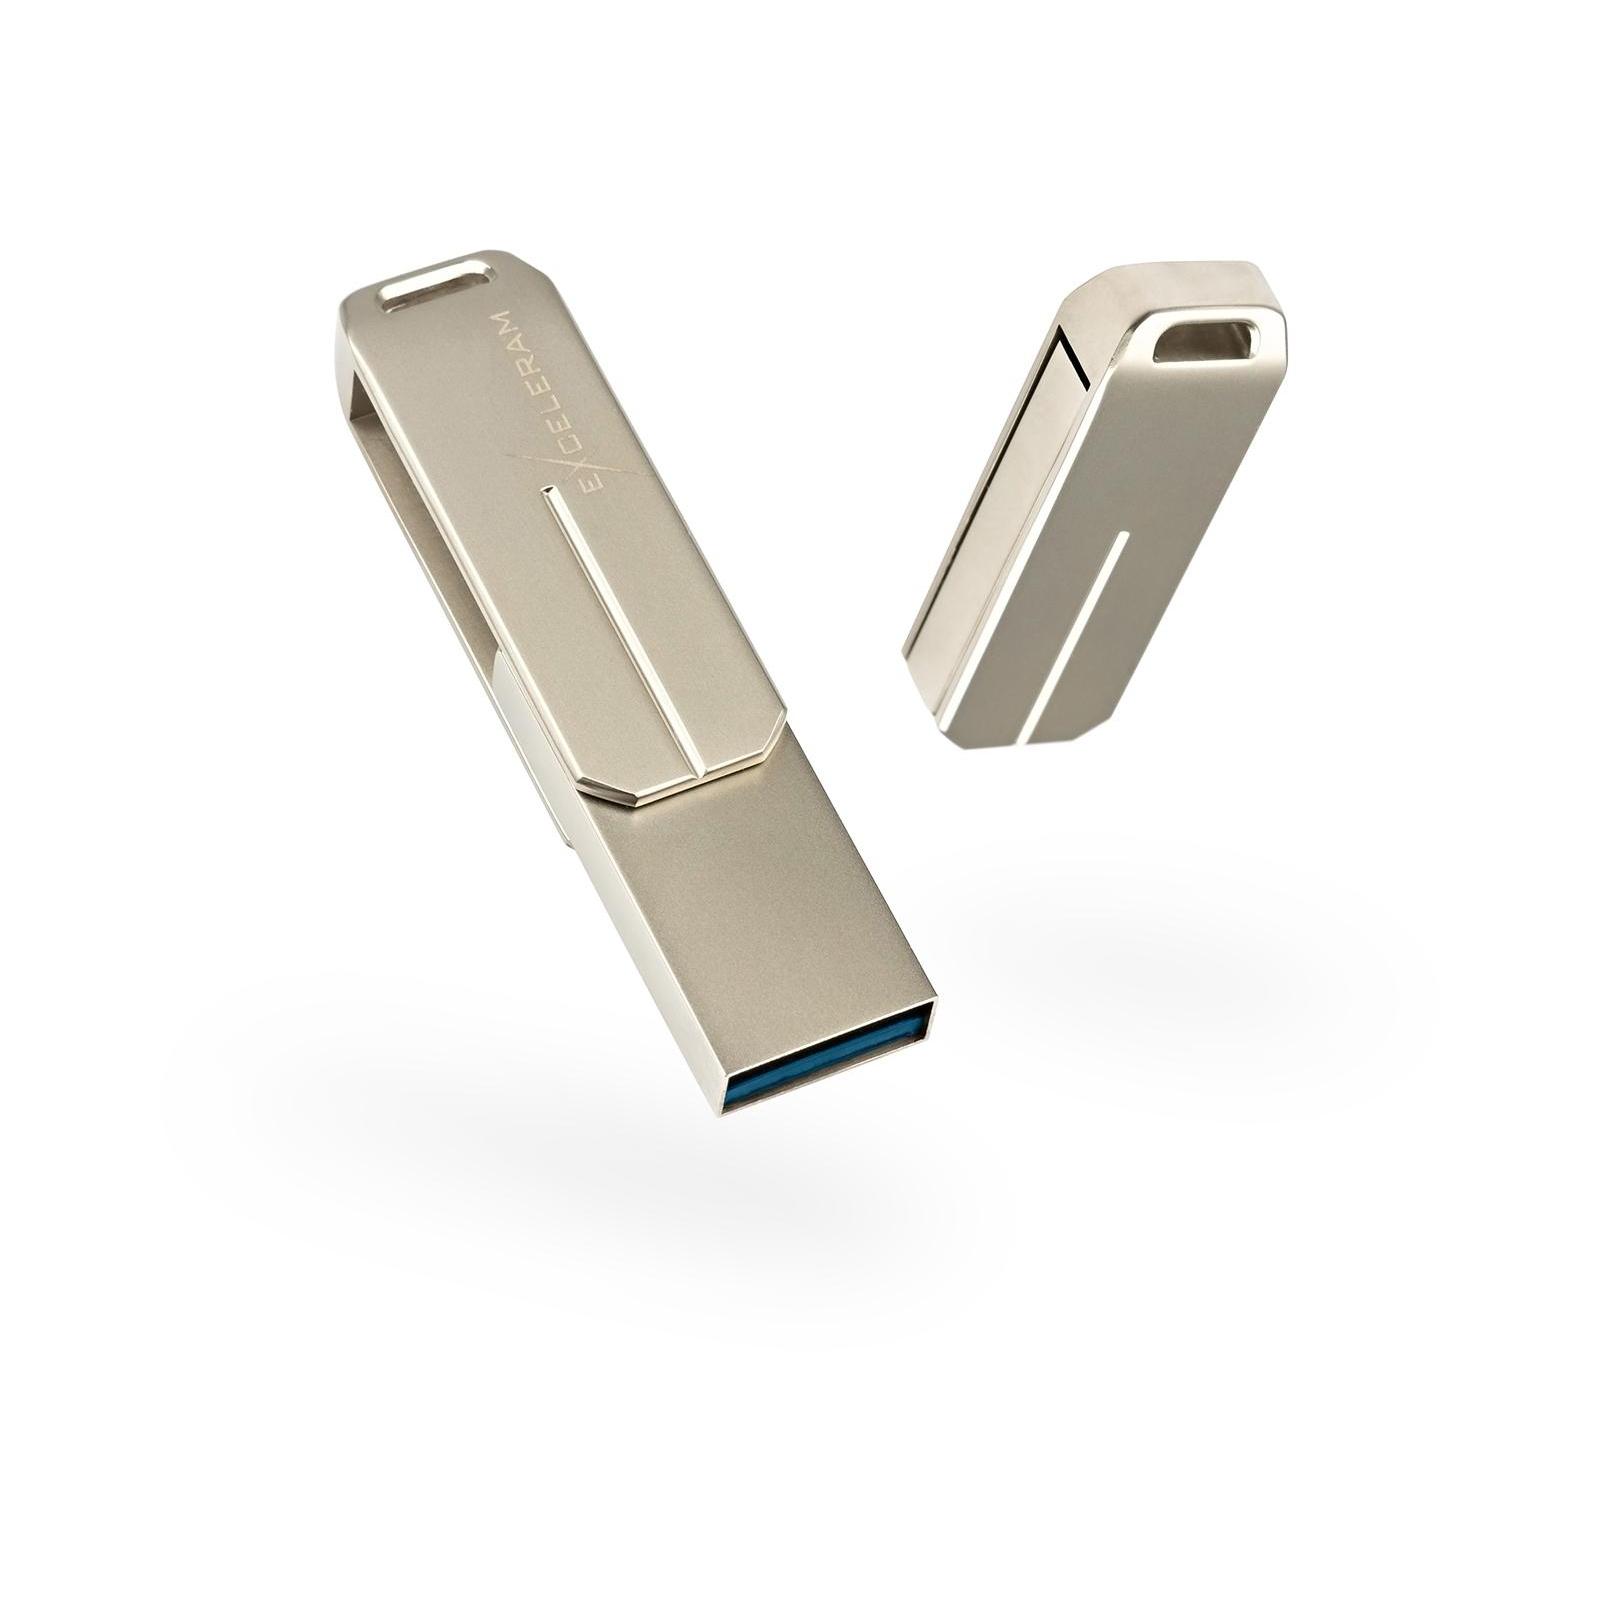 USB флеш накопитель eXceleram 128GB U3 SeriesSilver USB 3.1 Gen 1 (EXP2U3U3S128)